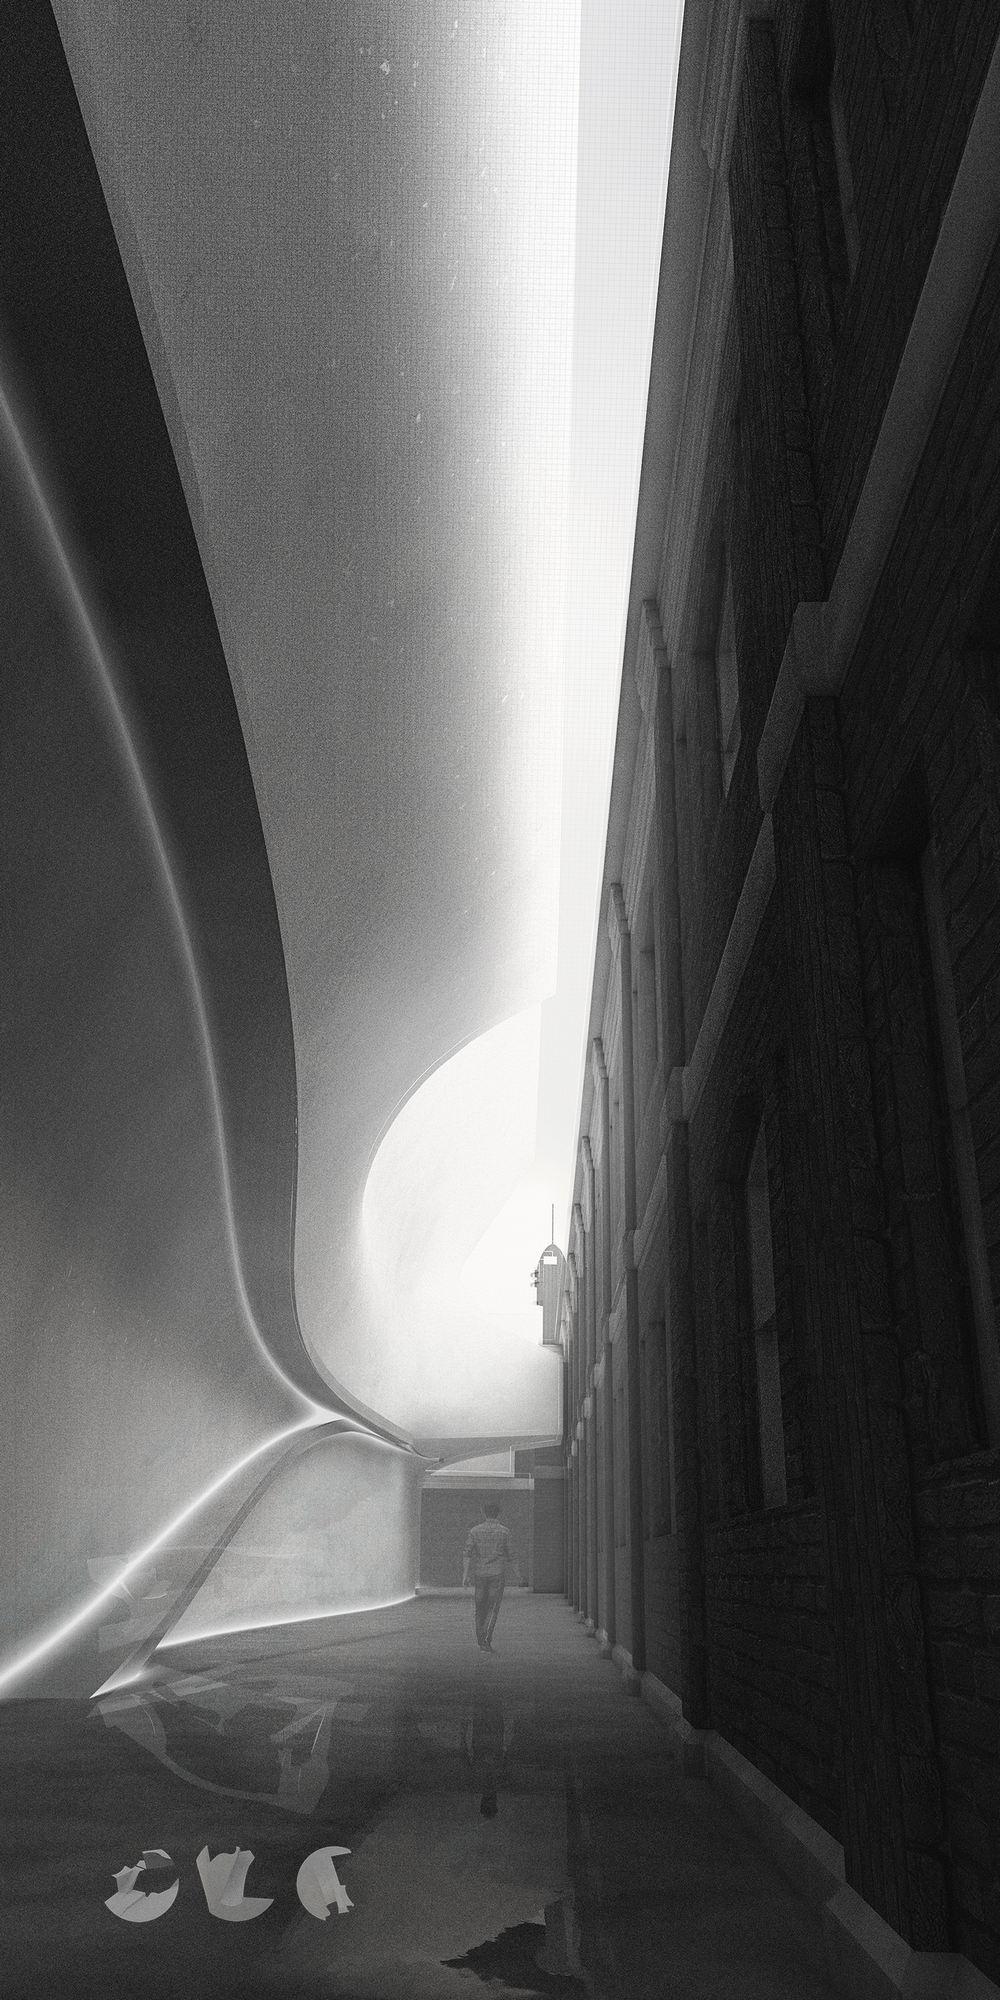 Interstitial Passage-_James Feng_Sydney Freelance Designer